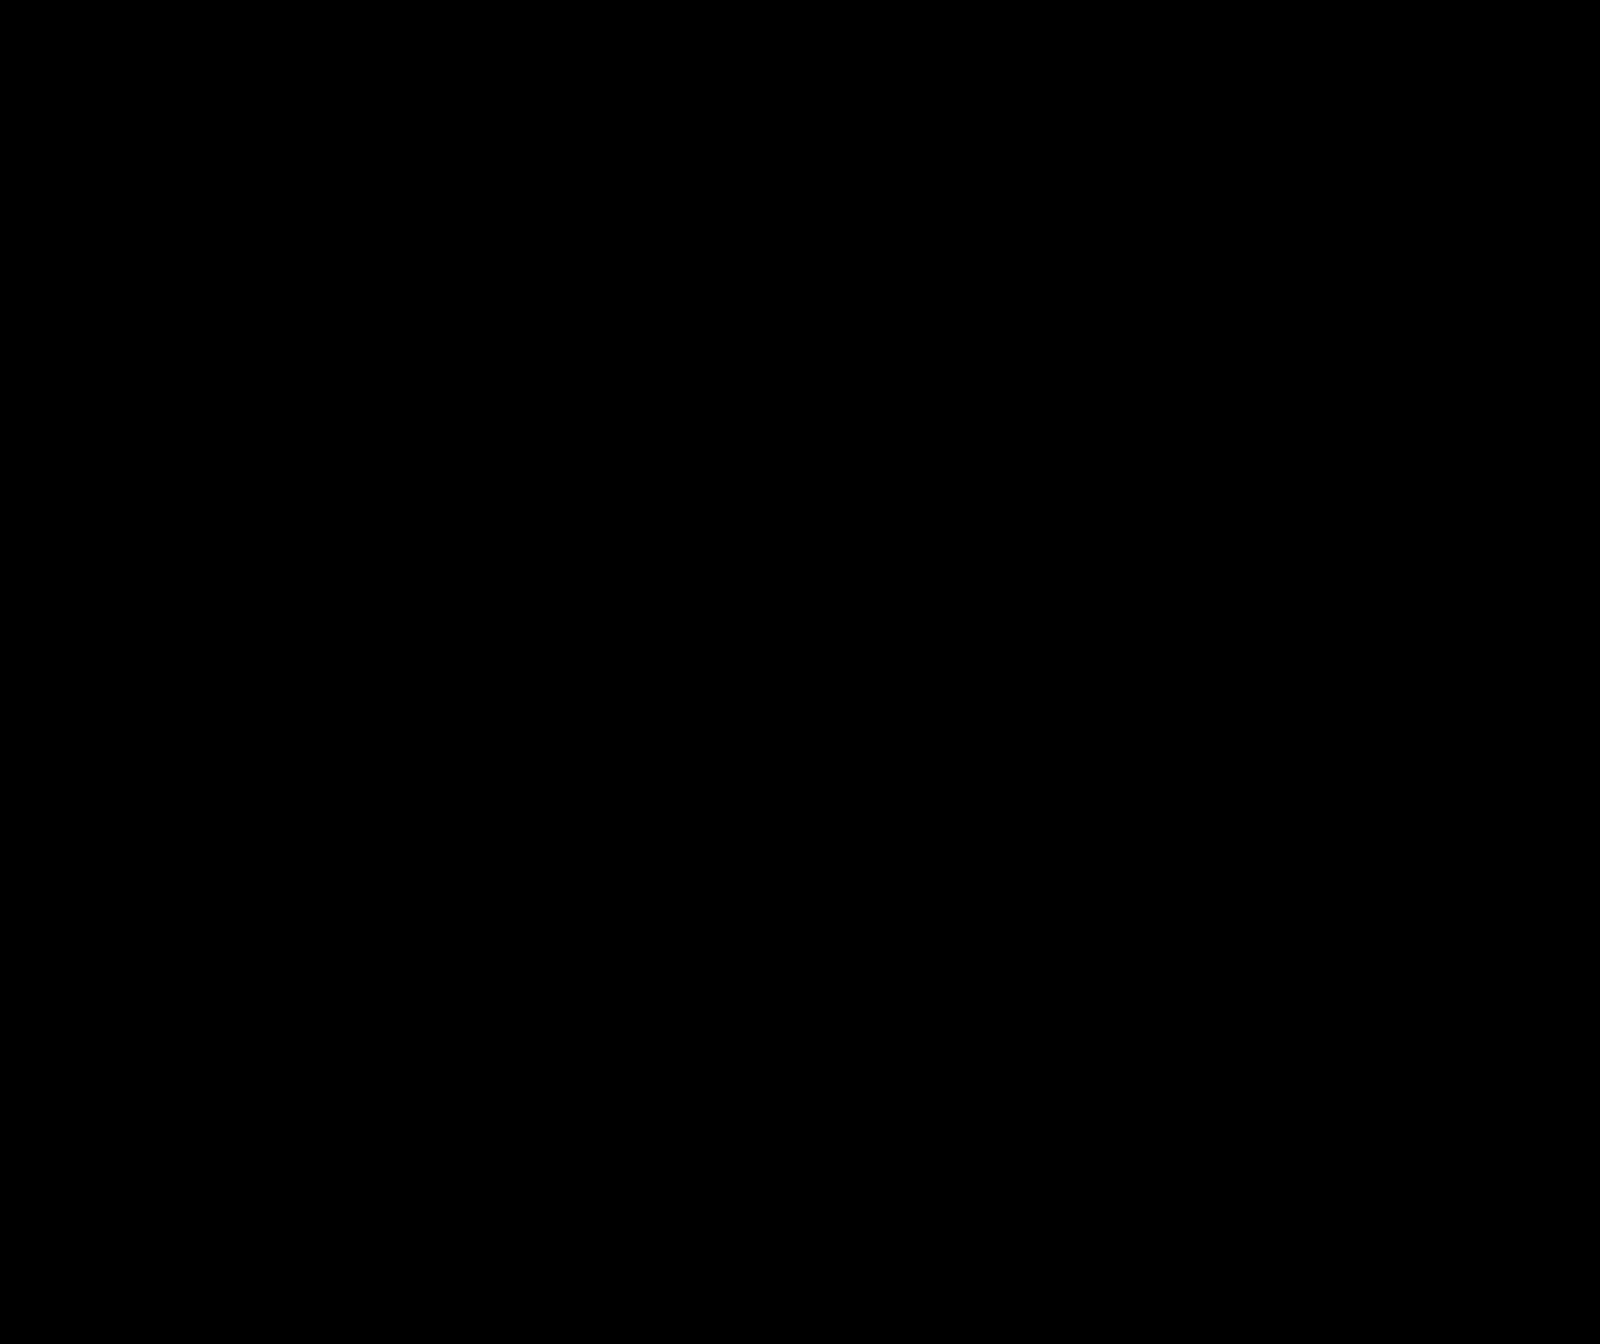 MUELLES ROSCADOS H&R AUDI A3 8V INCL. SPORTBACK | SEAT LEON 5F INCL. CUPRA | VOLKSWAGEN GOLF VII INCL. GTI , GTD